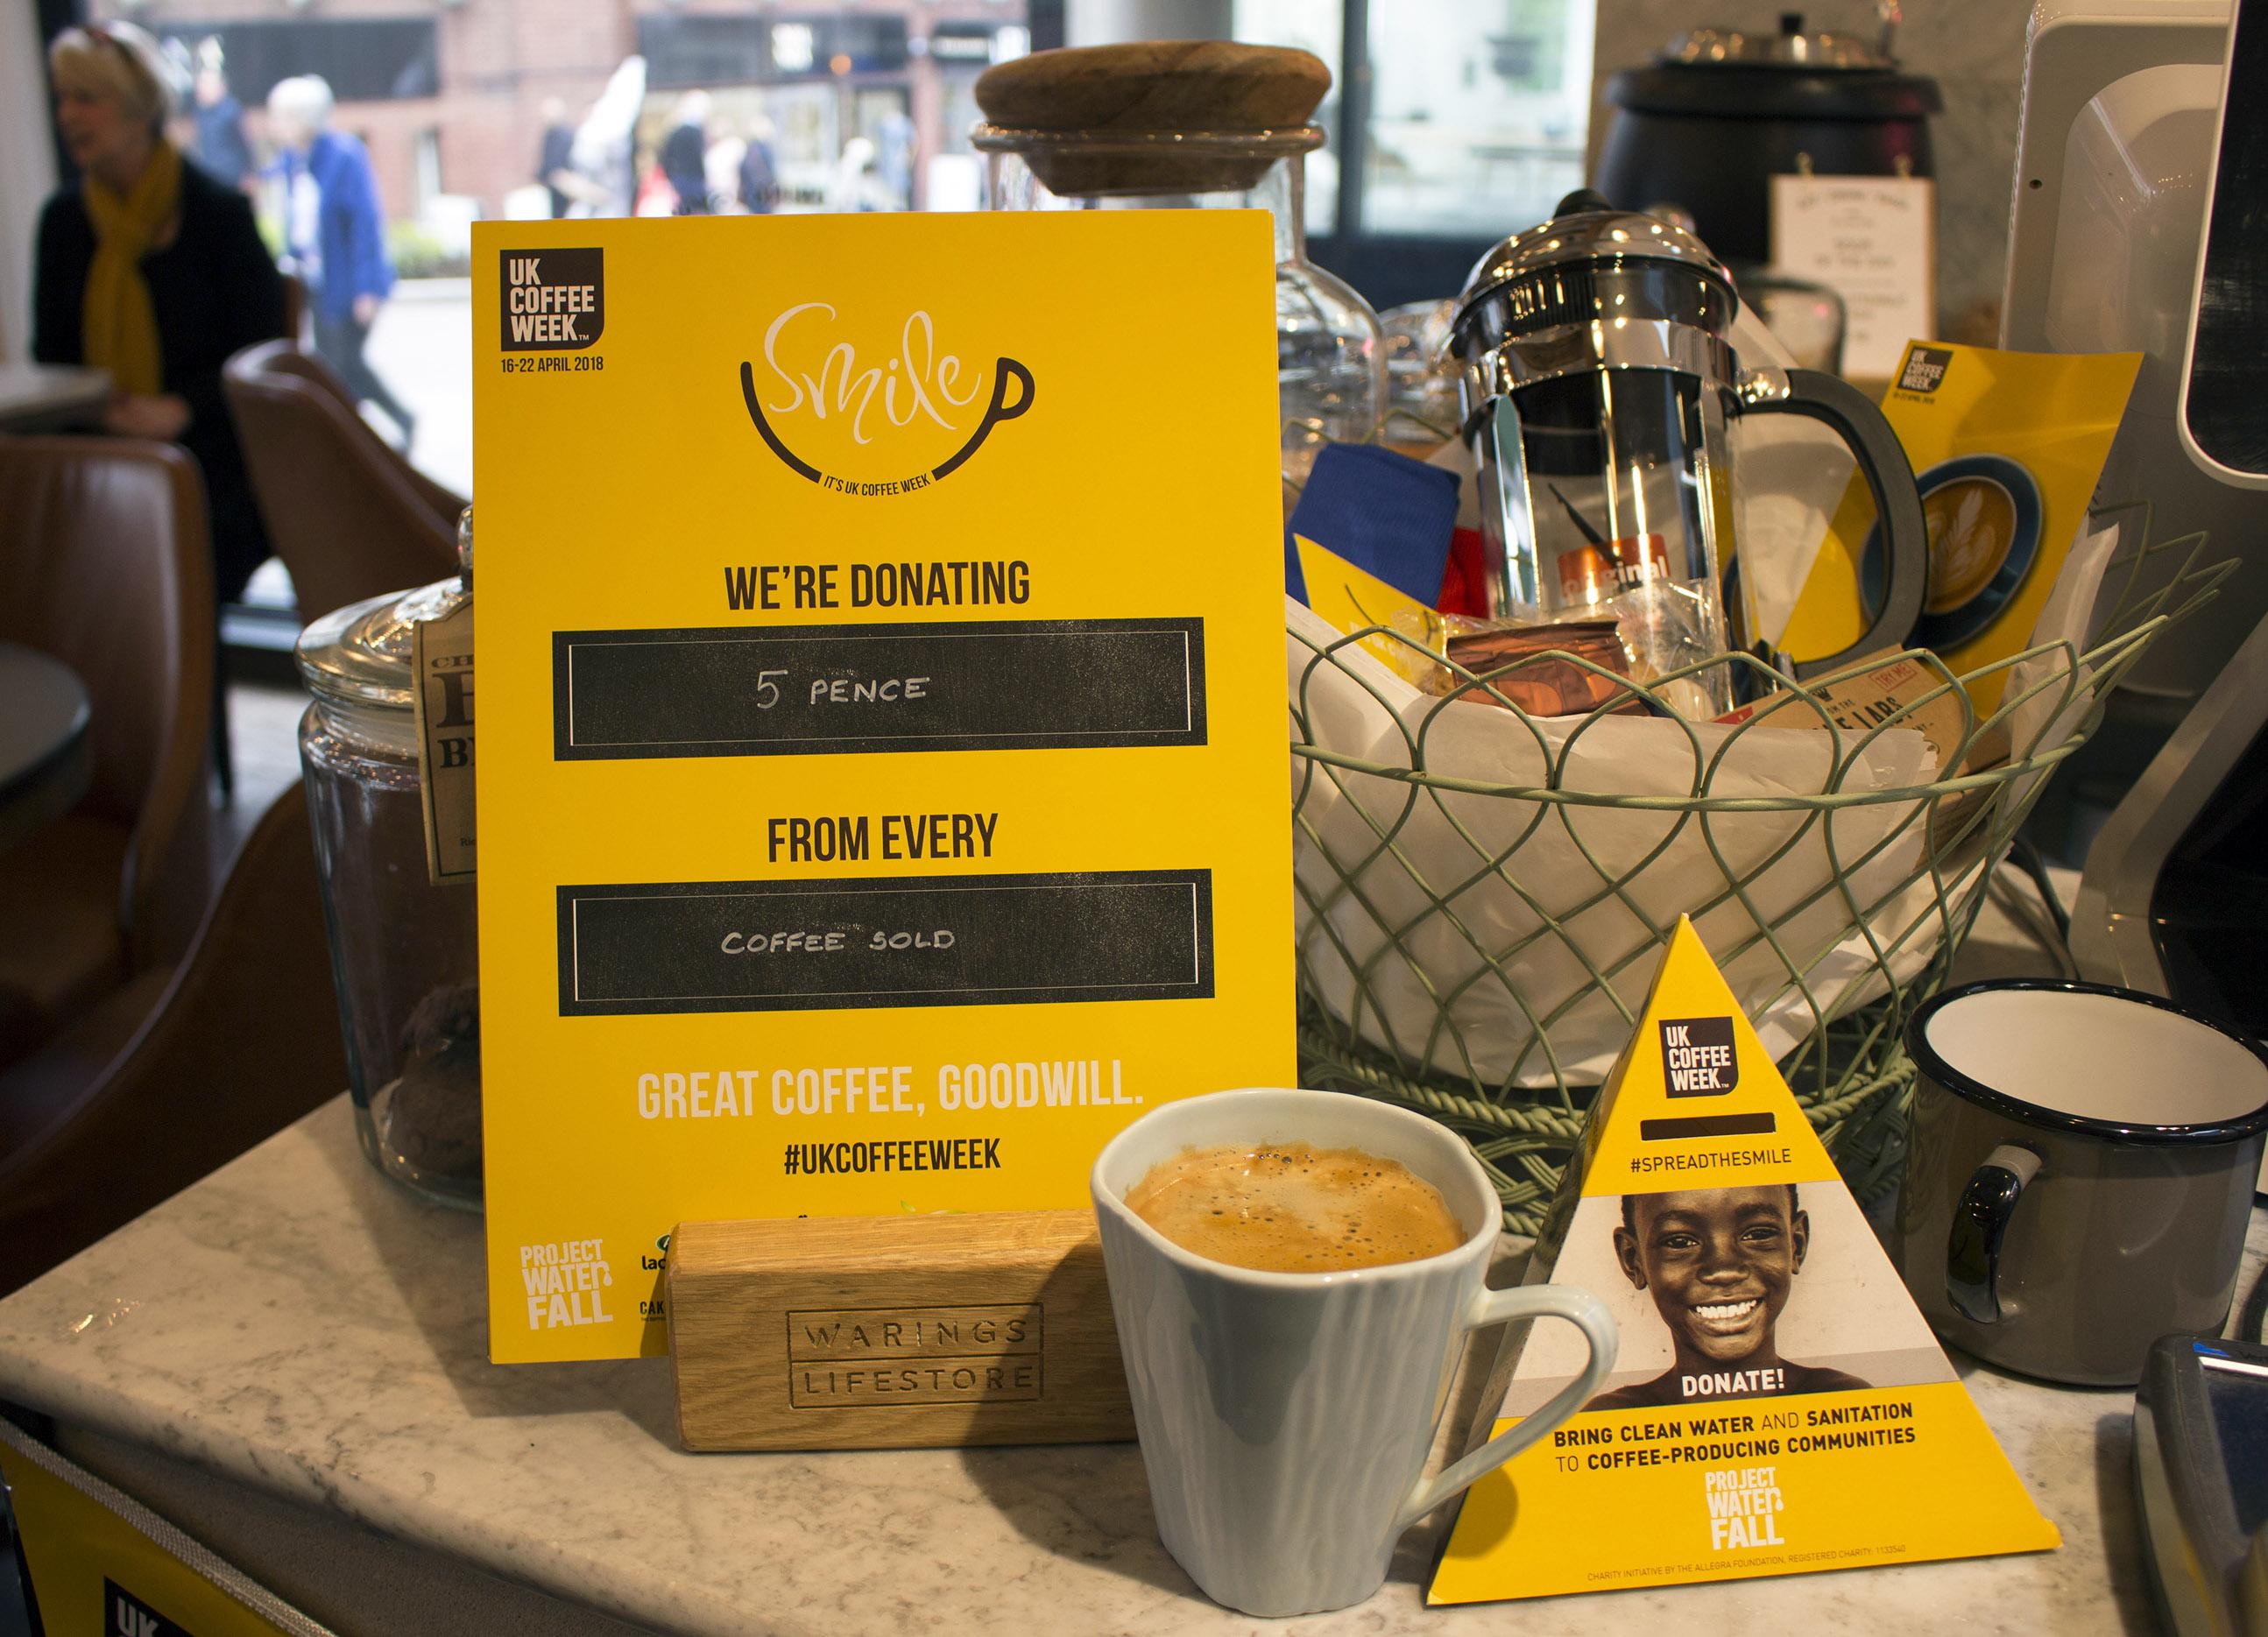 uk coffee week, warings cafe, norwich